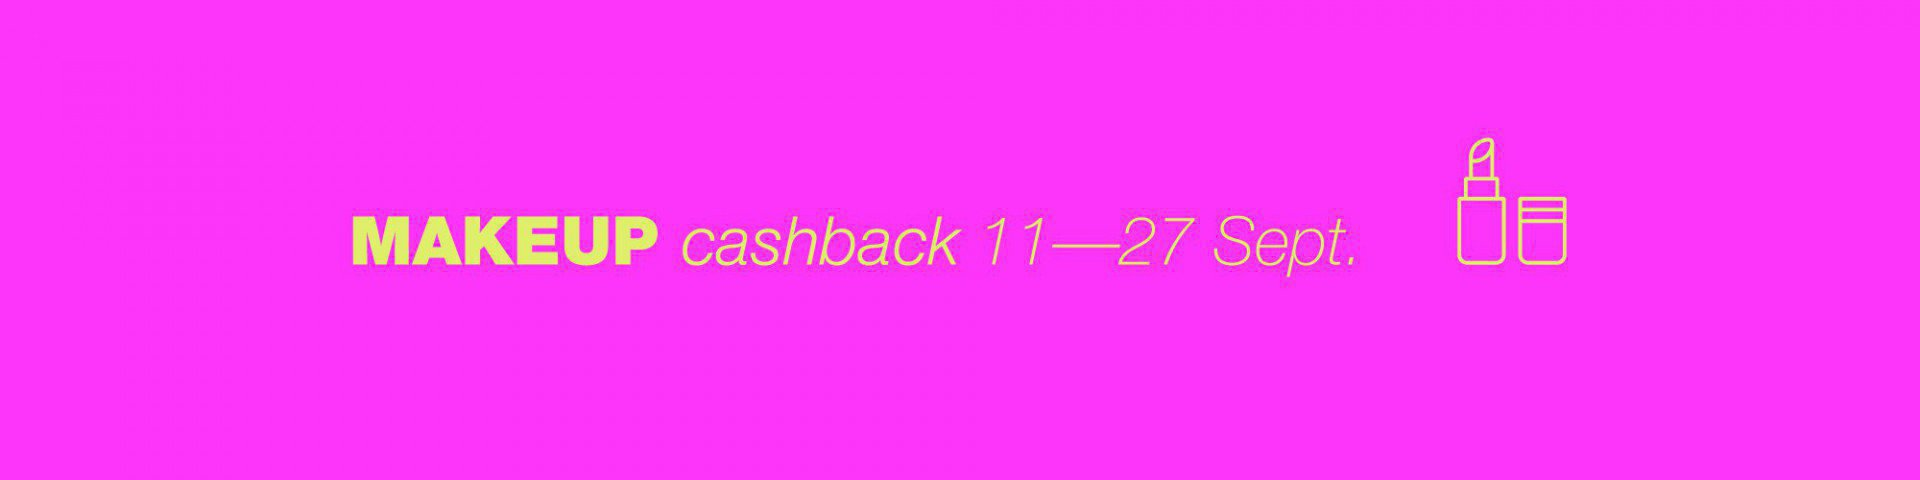 MakeUp- CashBack